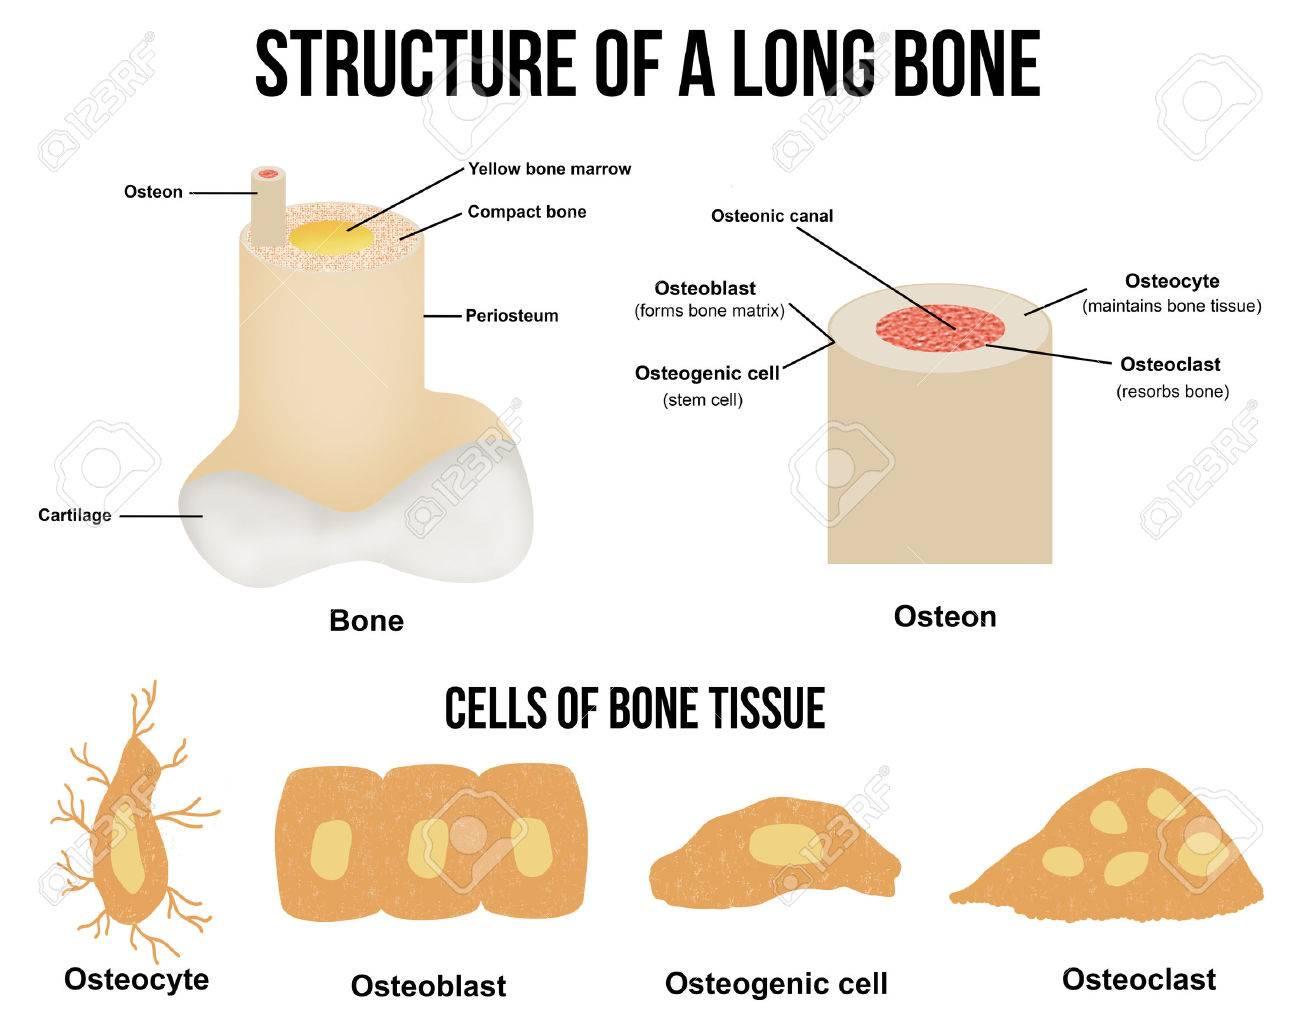 Aufbau Eines Langen Knochens Und Zellen Des Knochengewebes (nützlich ...